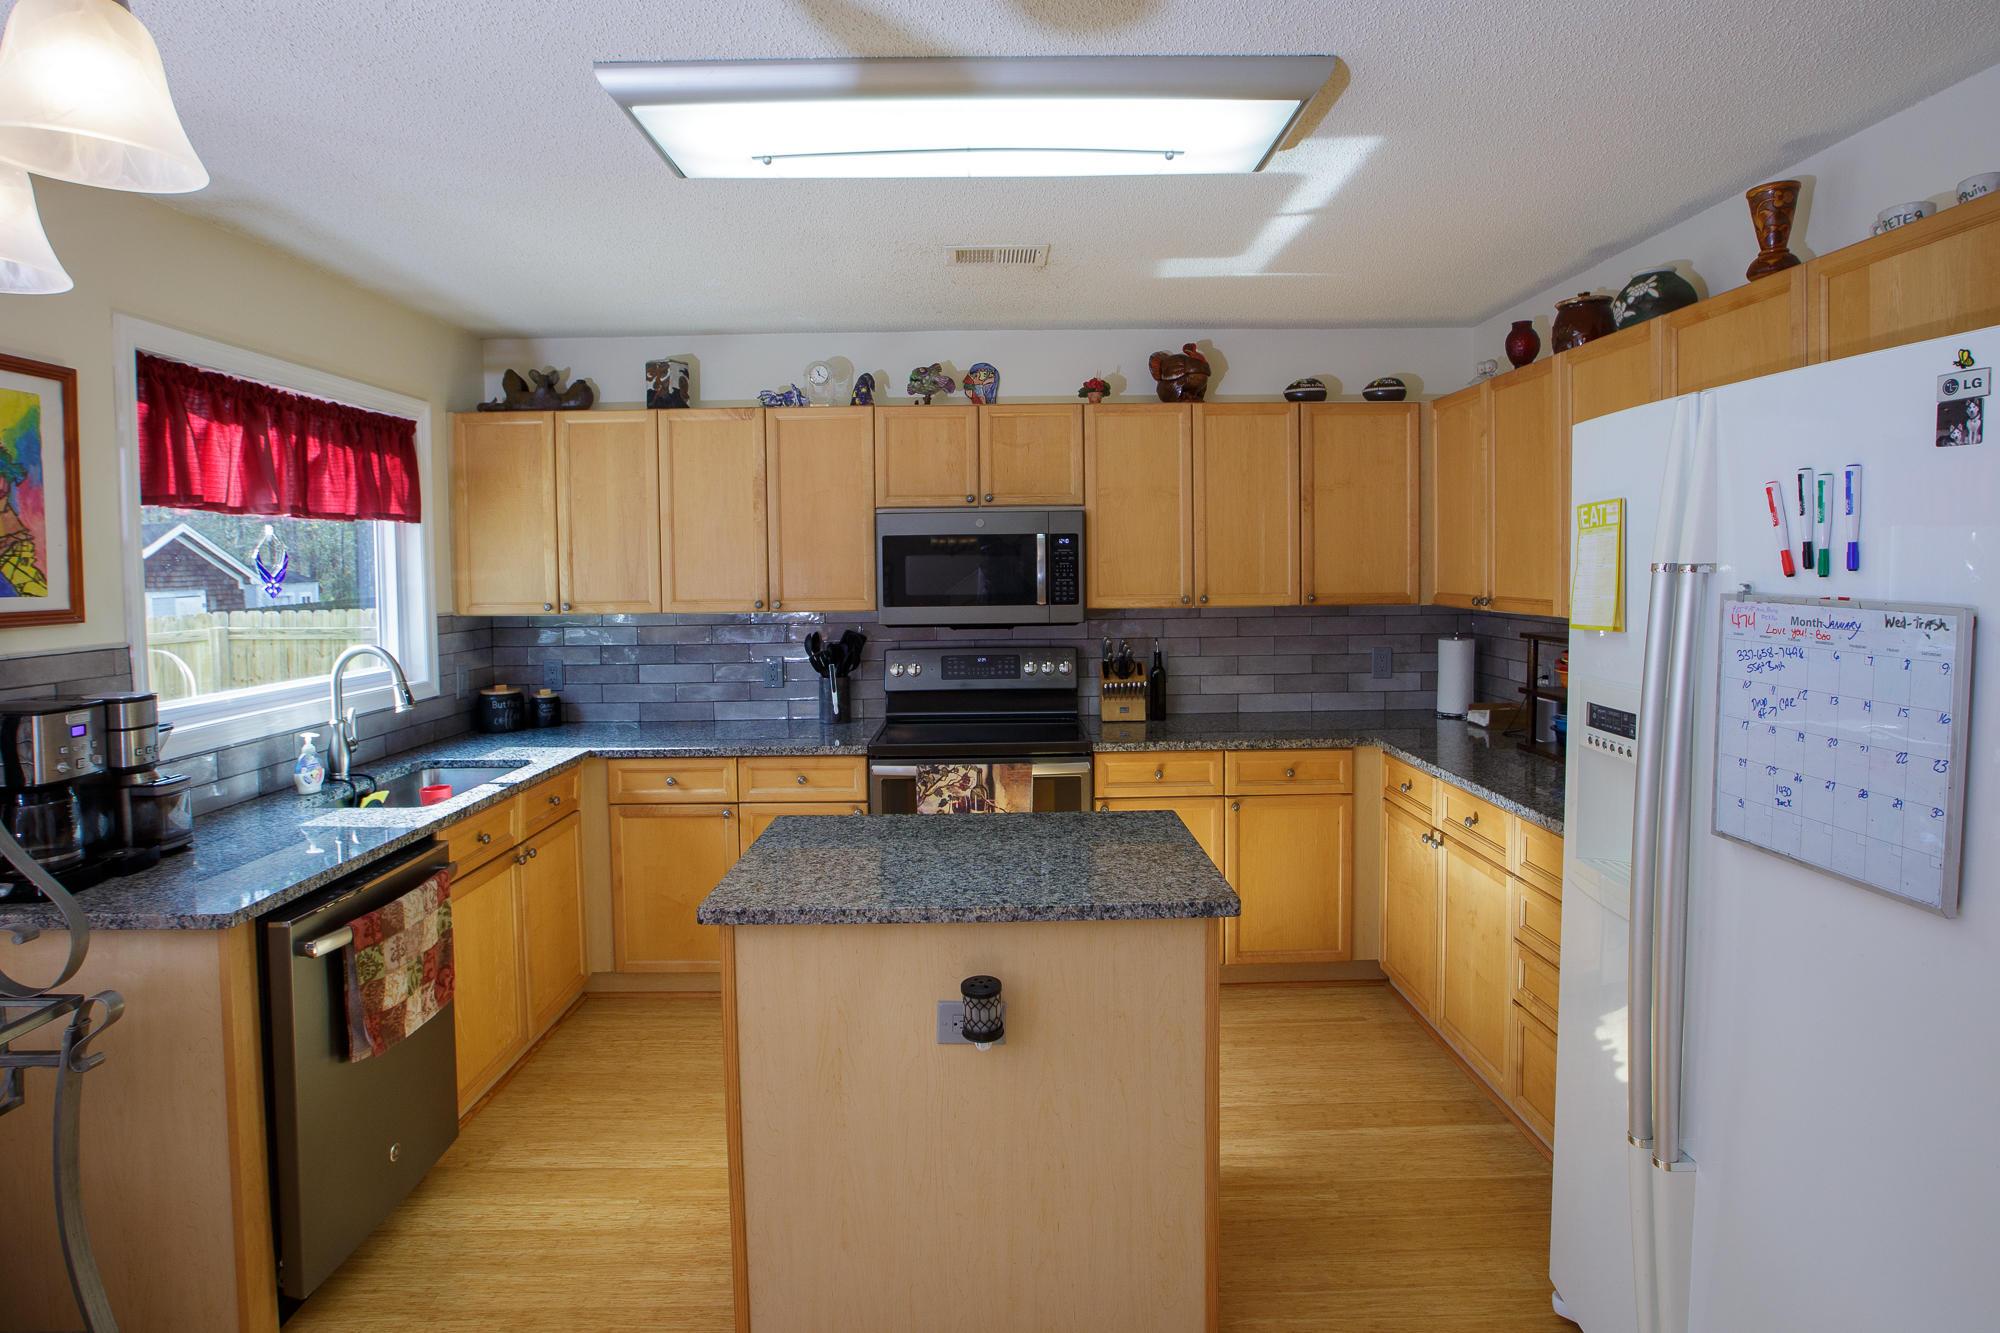 Hawthorne Place Homes For Sale - 347 Cohen, Ladson, SC - 11